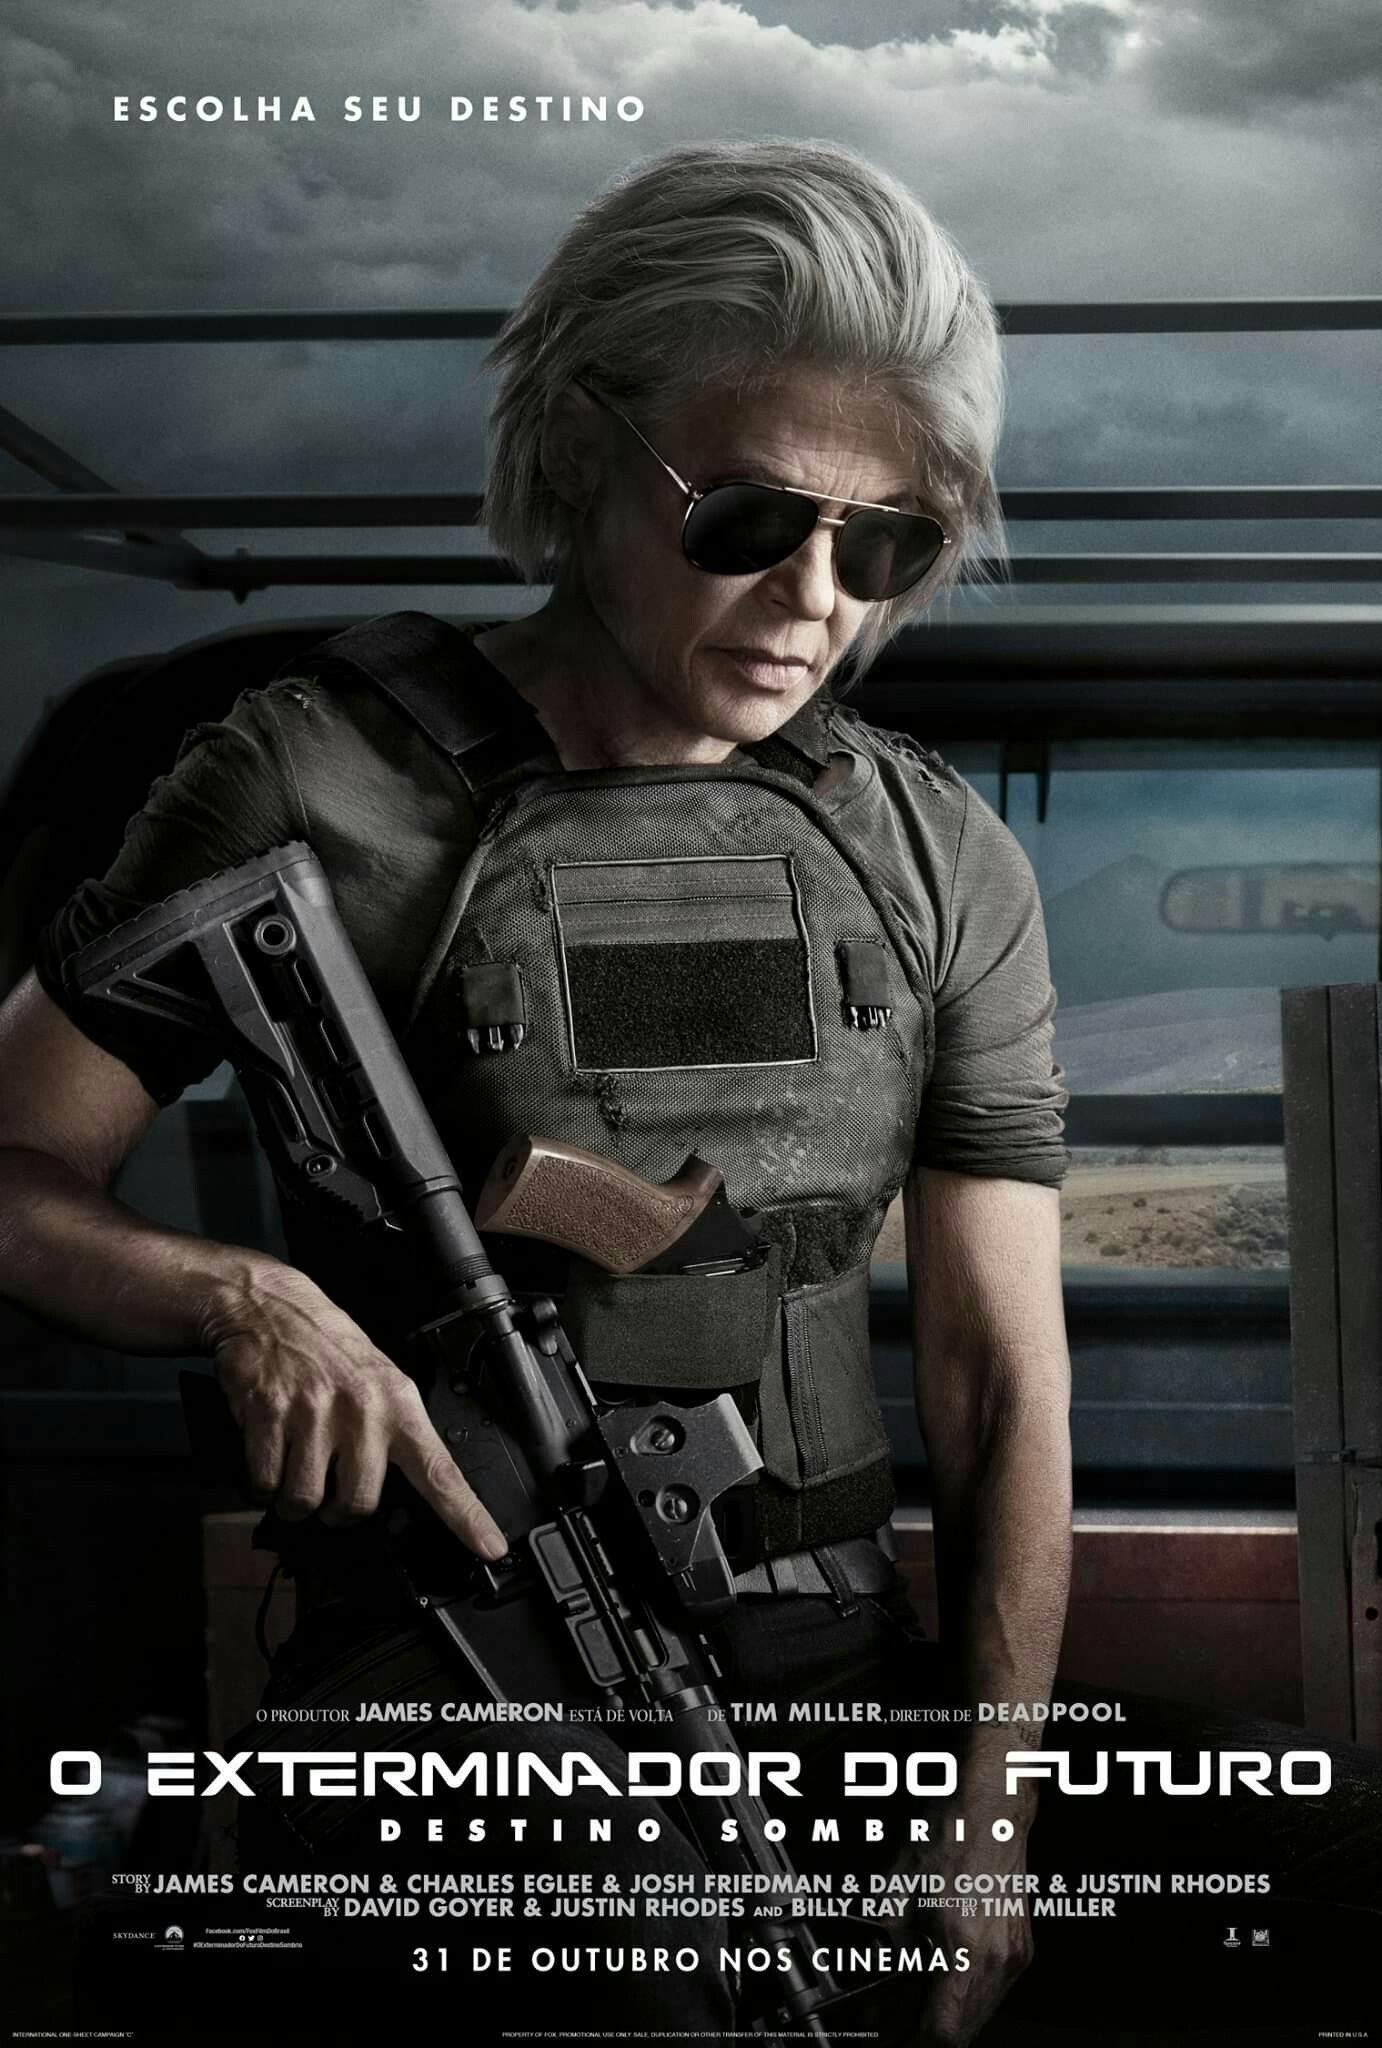 Destino Sombrio Filmes Filmes Completos Exterminador Do Futuro